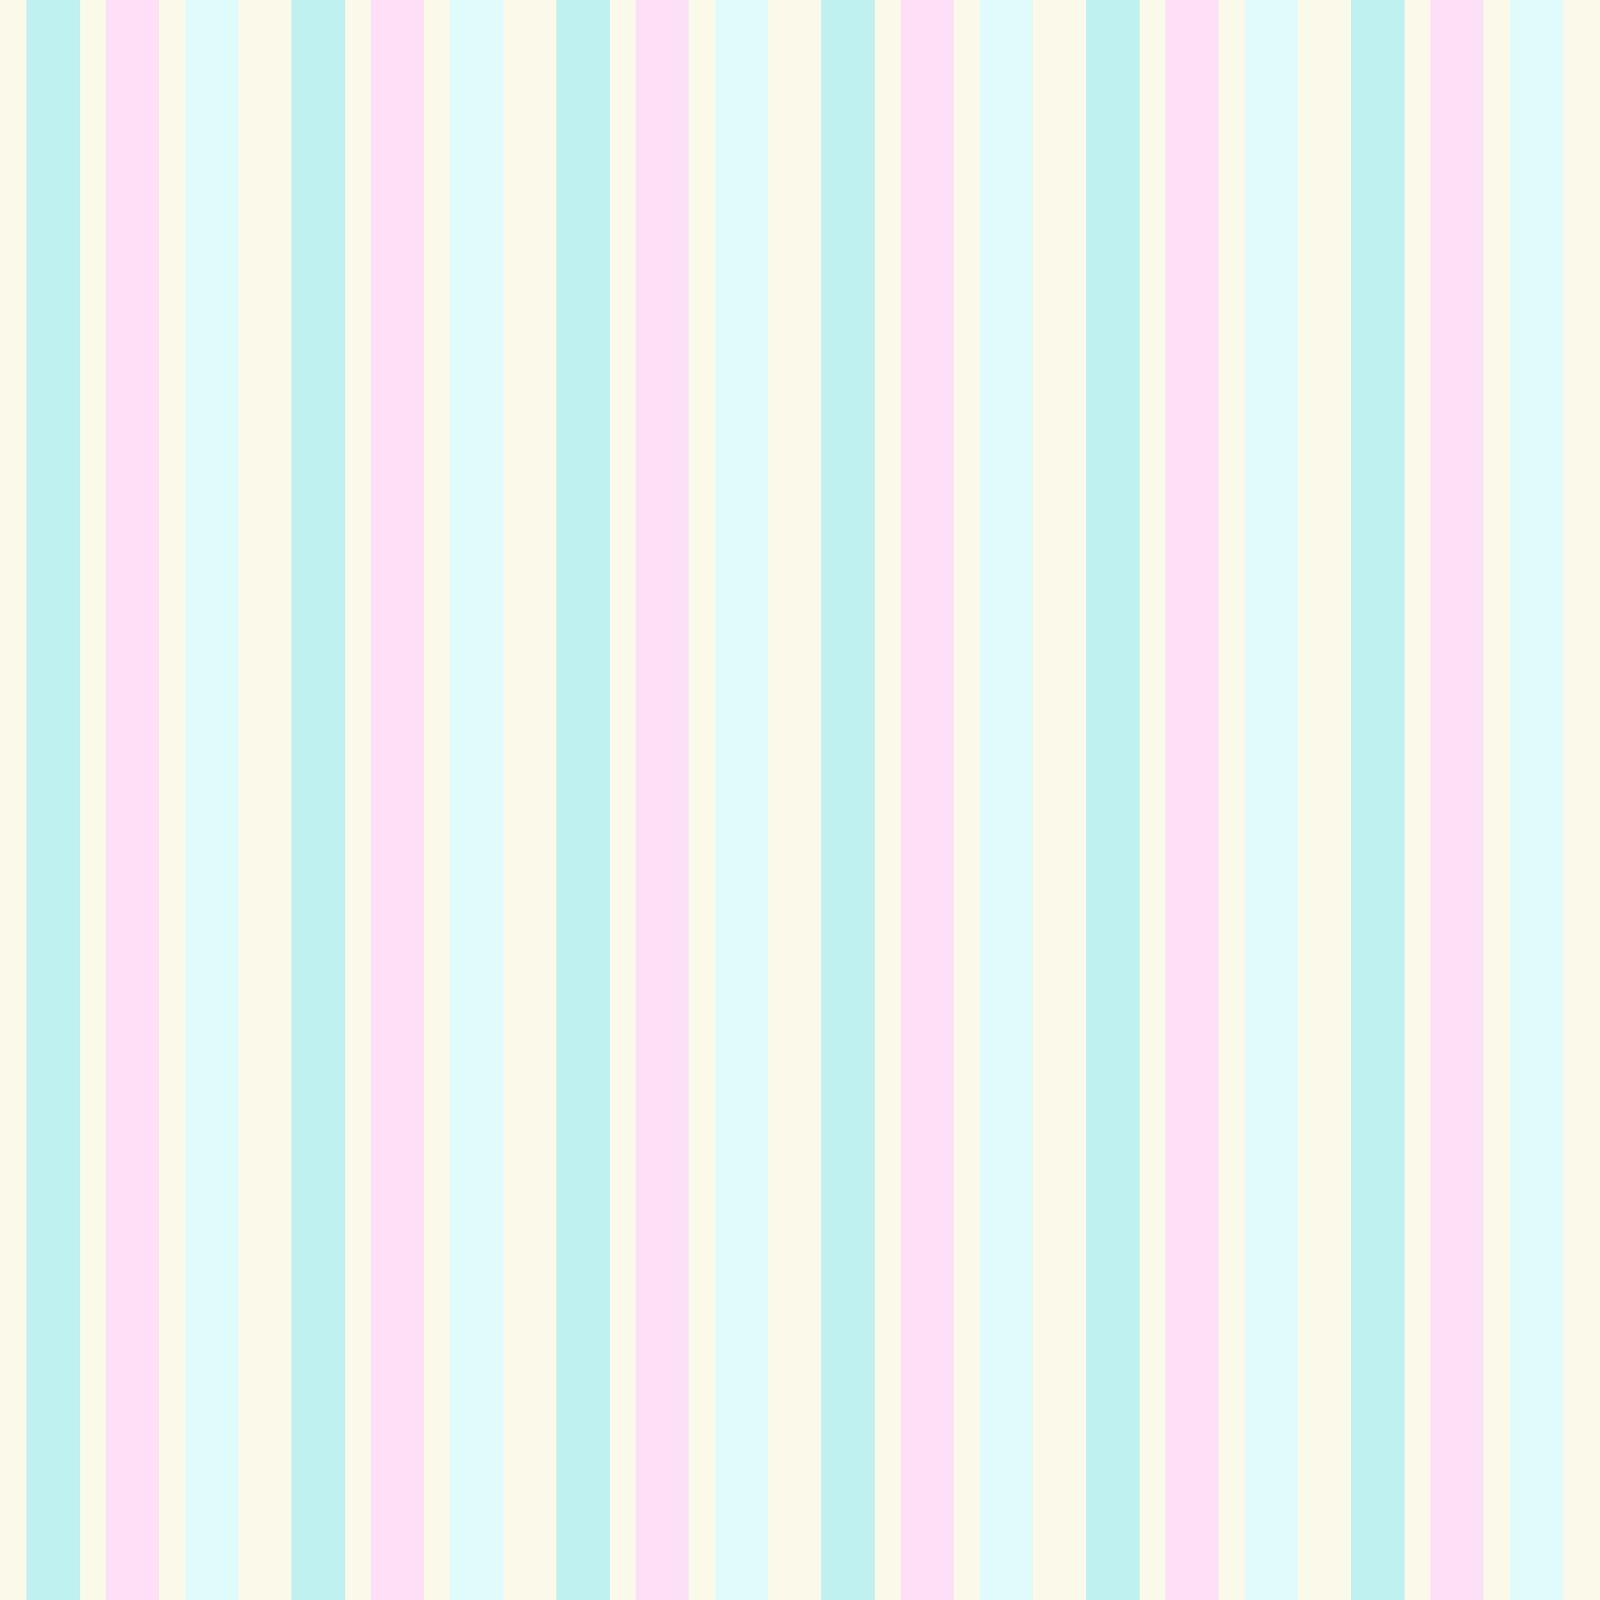 bonjourvintage: Free Digital Scrapbook Paper - Pink, Blue ...